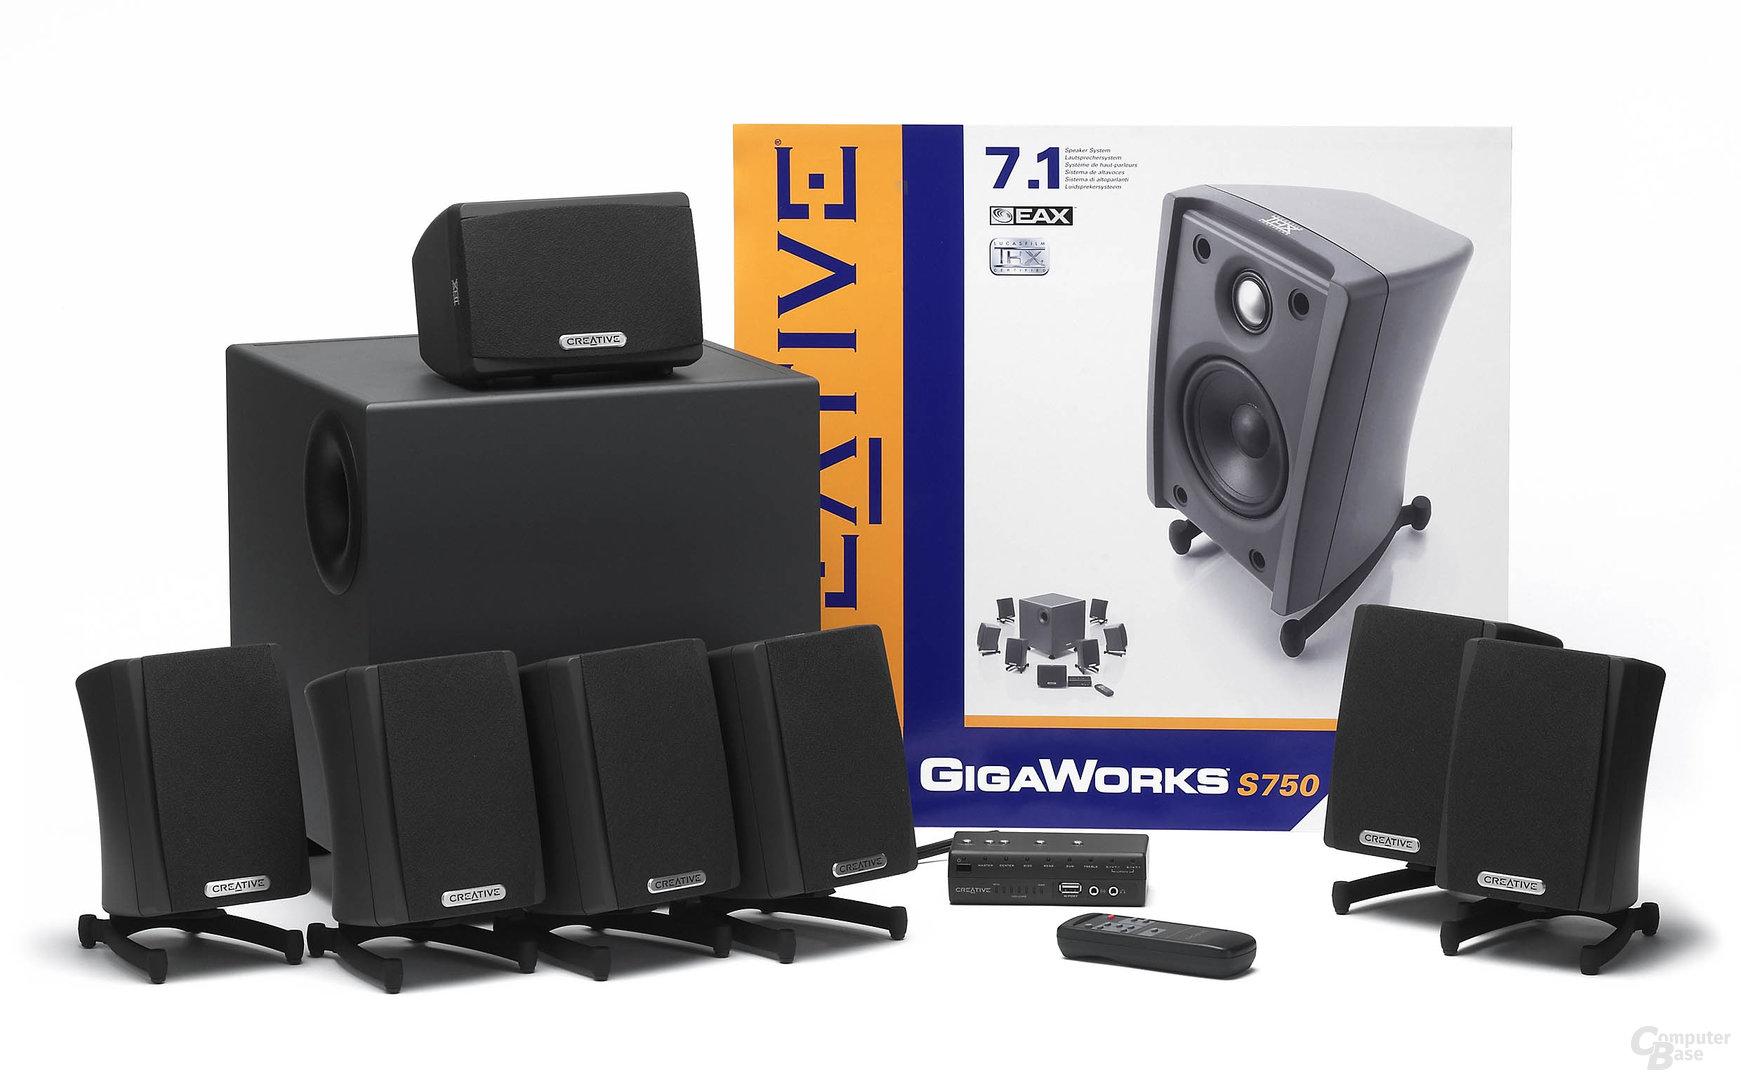 Creative 7.1 Gigaworks S750 THX